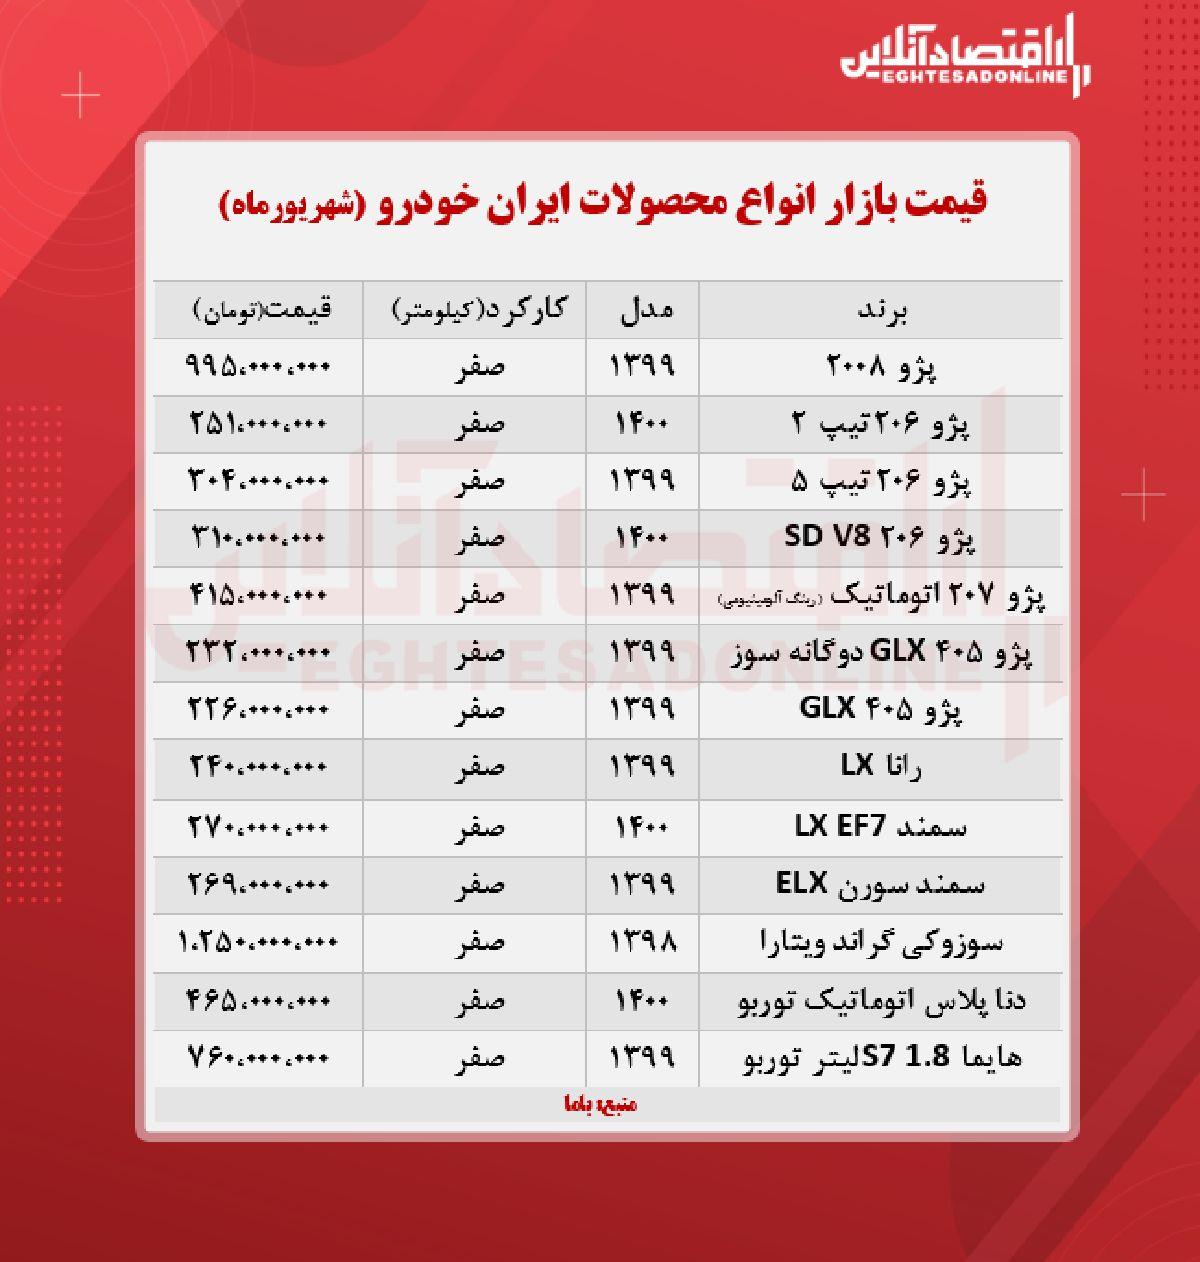 قیمت محصولات ایران خودرو امروز ۱۴۰۰/۶/۱۵